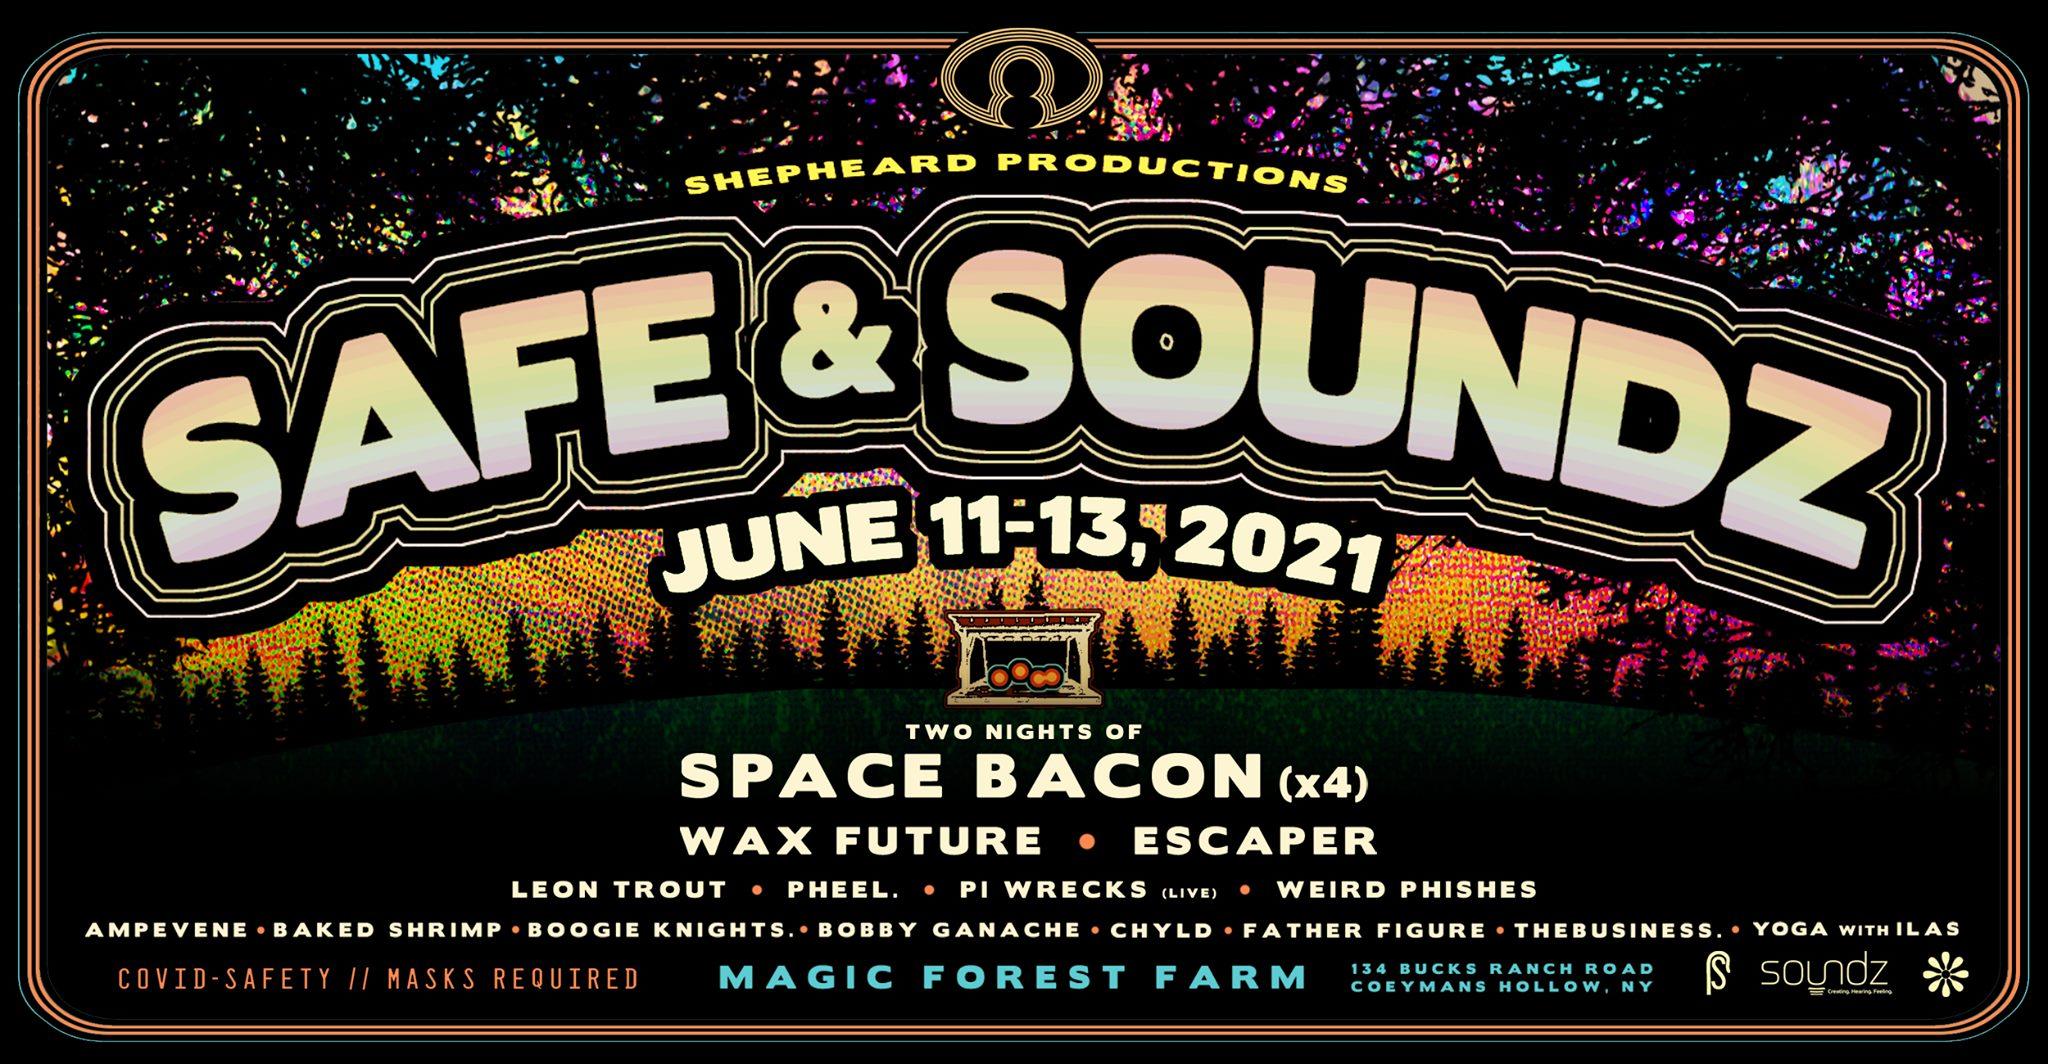 Safe & Soundz Festival Announces June Festival Dates and Lineup